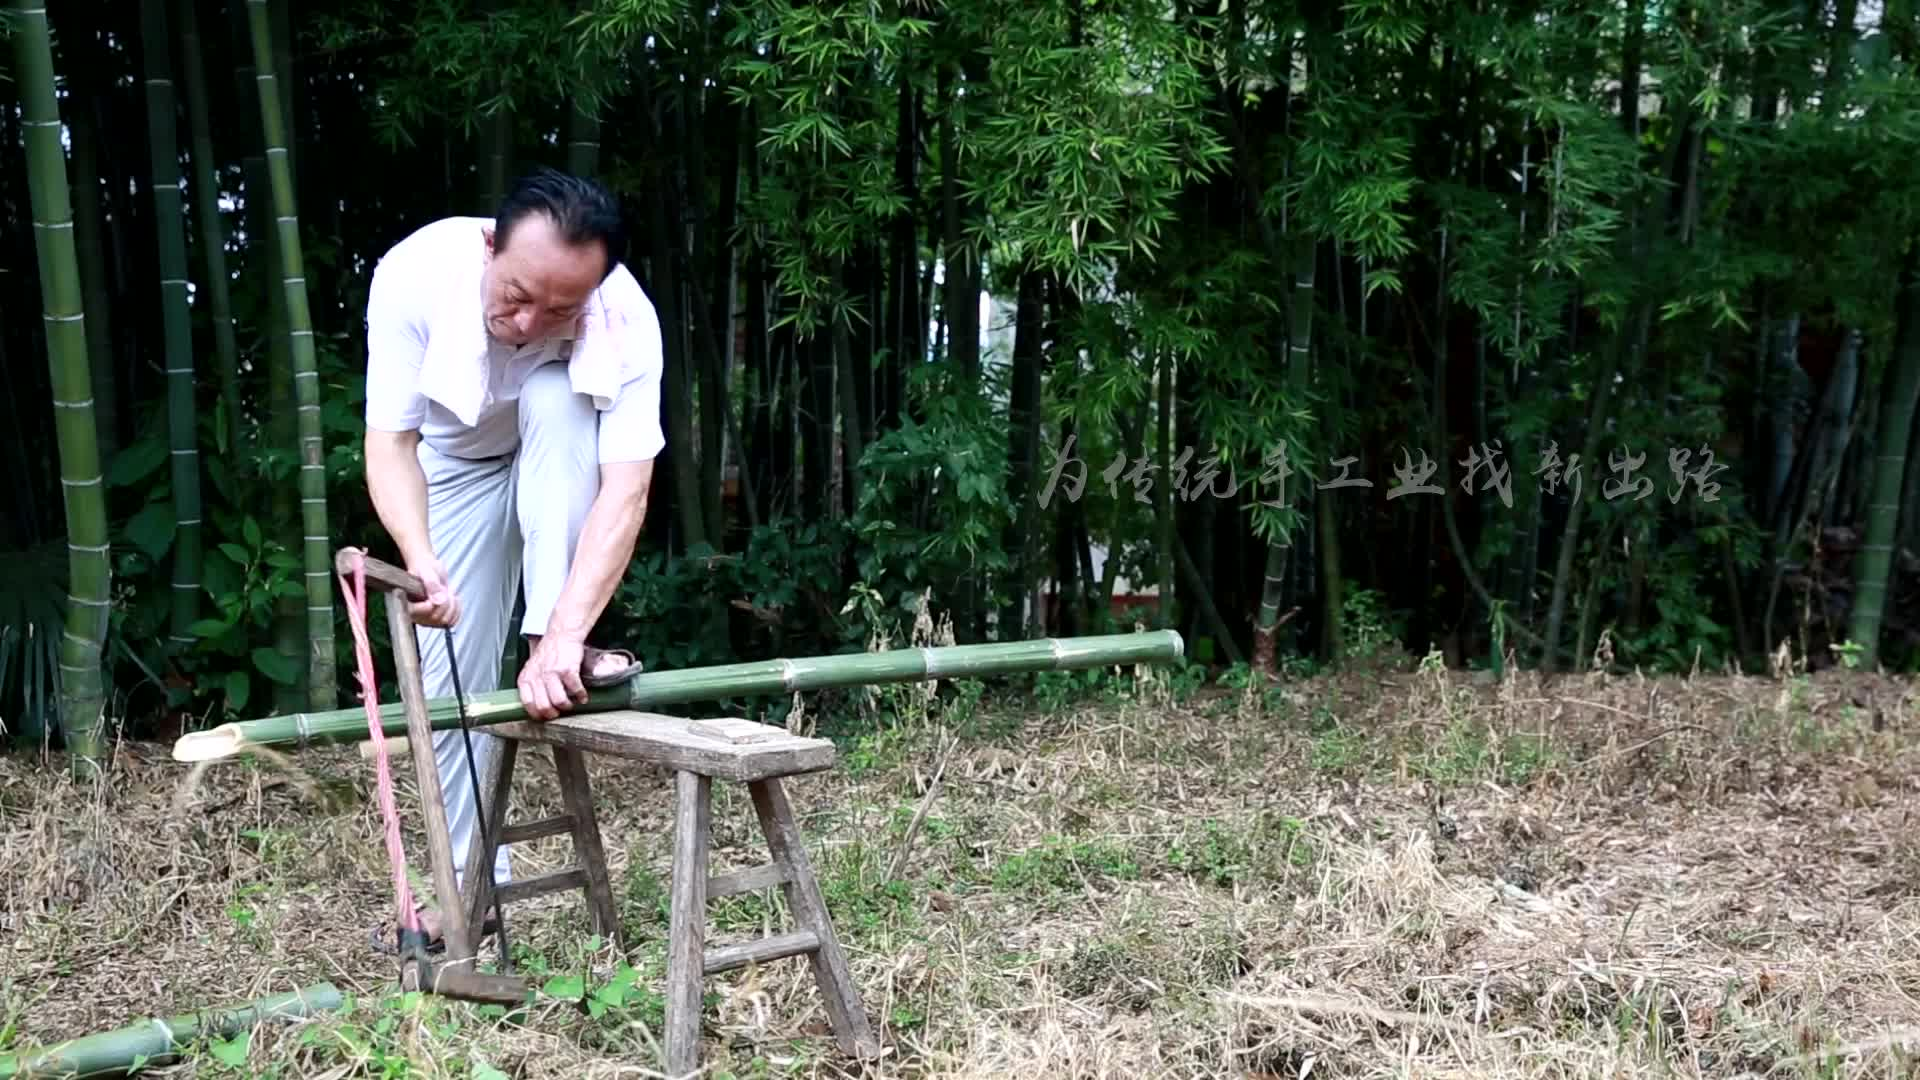 匠人·匠心: 老篾匠李海仁的梦想 用竹床垫取代席梦思